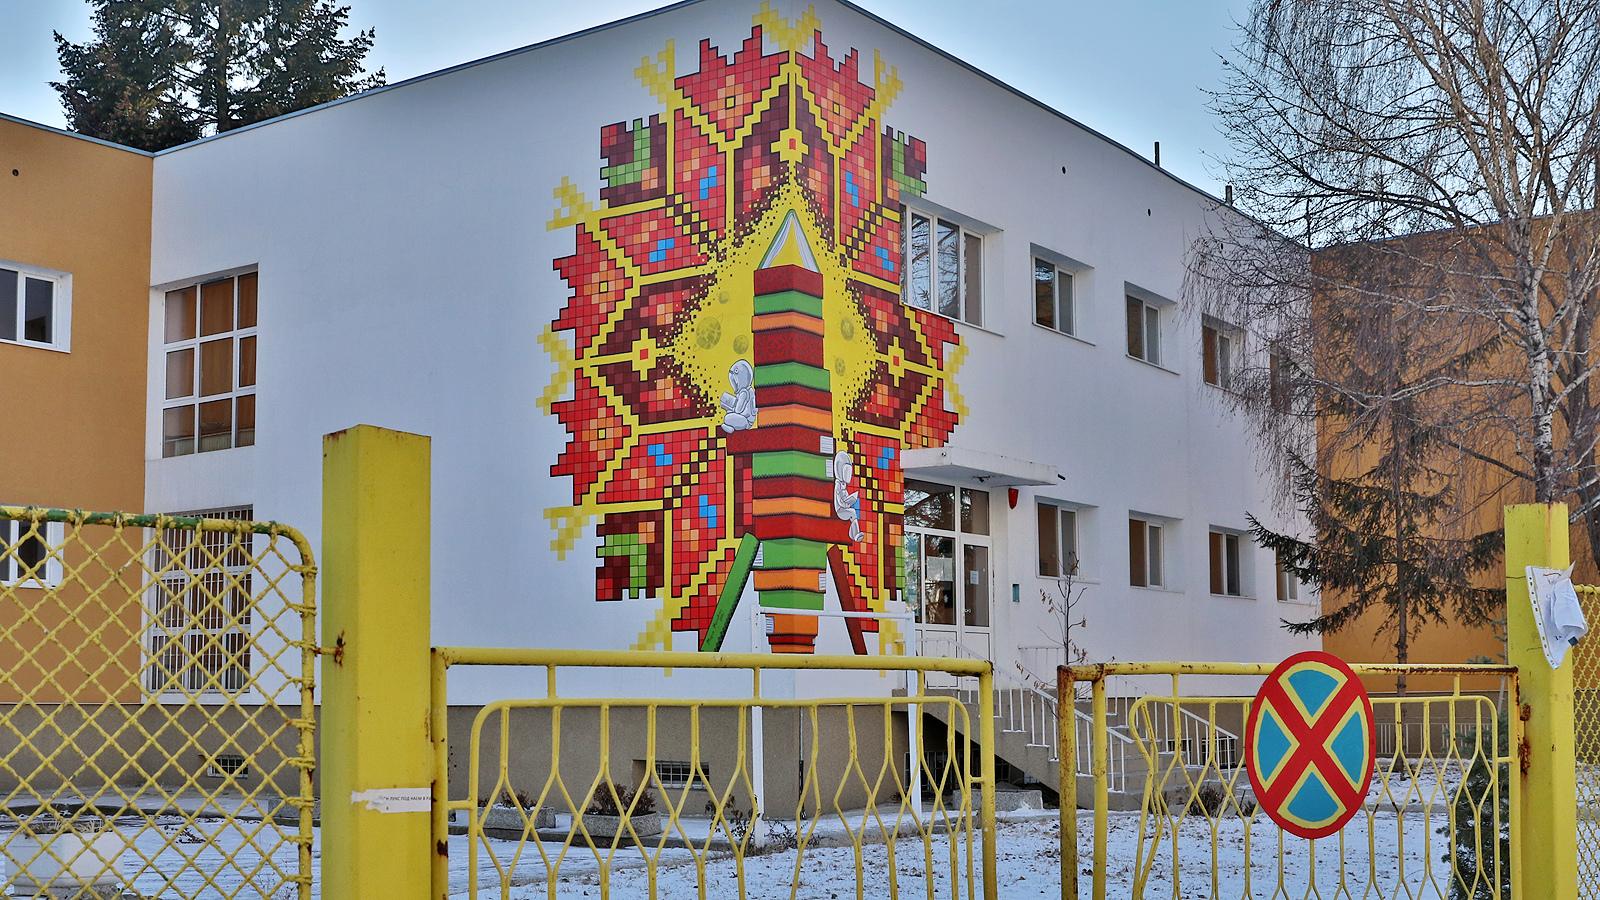 """Чуждестранни туристи идват в София специално, за да разгледат огромните графити по стените на панелните блокове в """"Хаджи Димитър"""". В последните години софийският квартал """"Подуяне"""" се превърна в център на този вид изкуство у нас"""